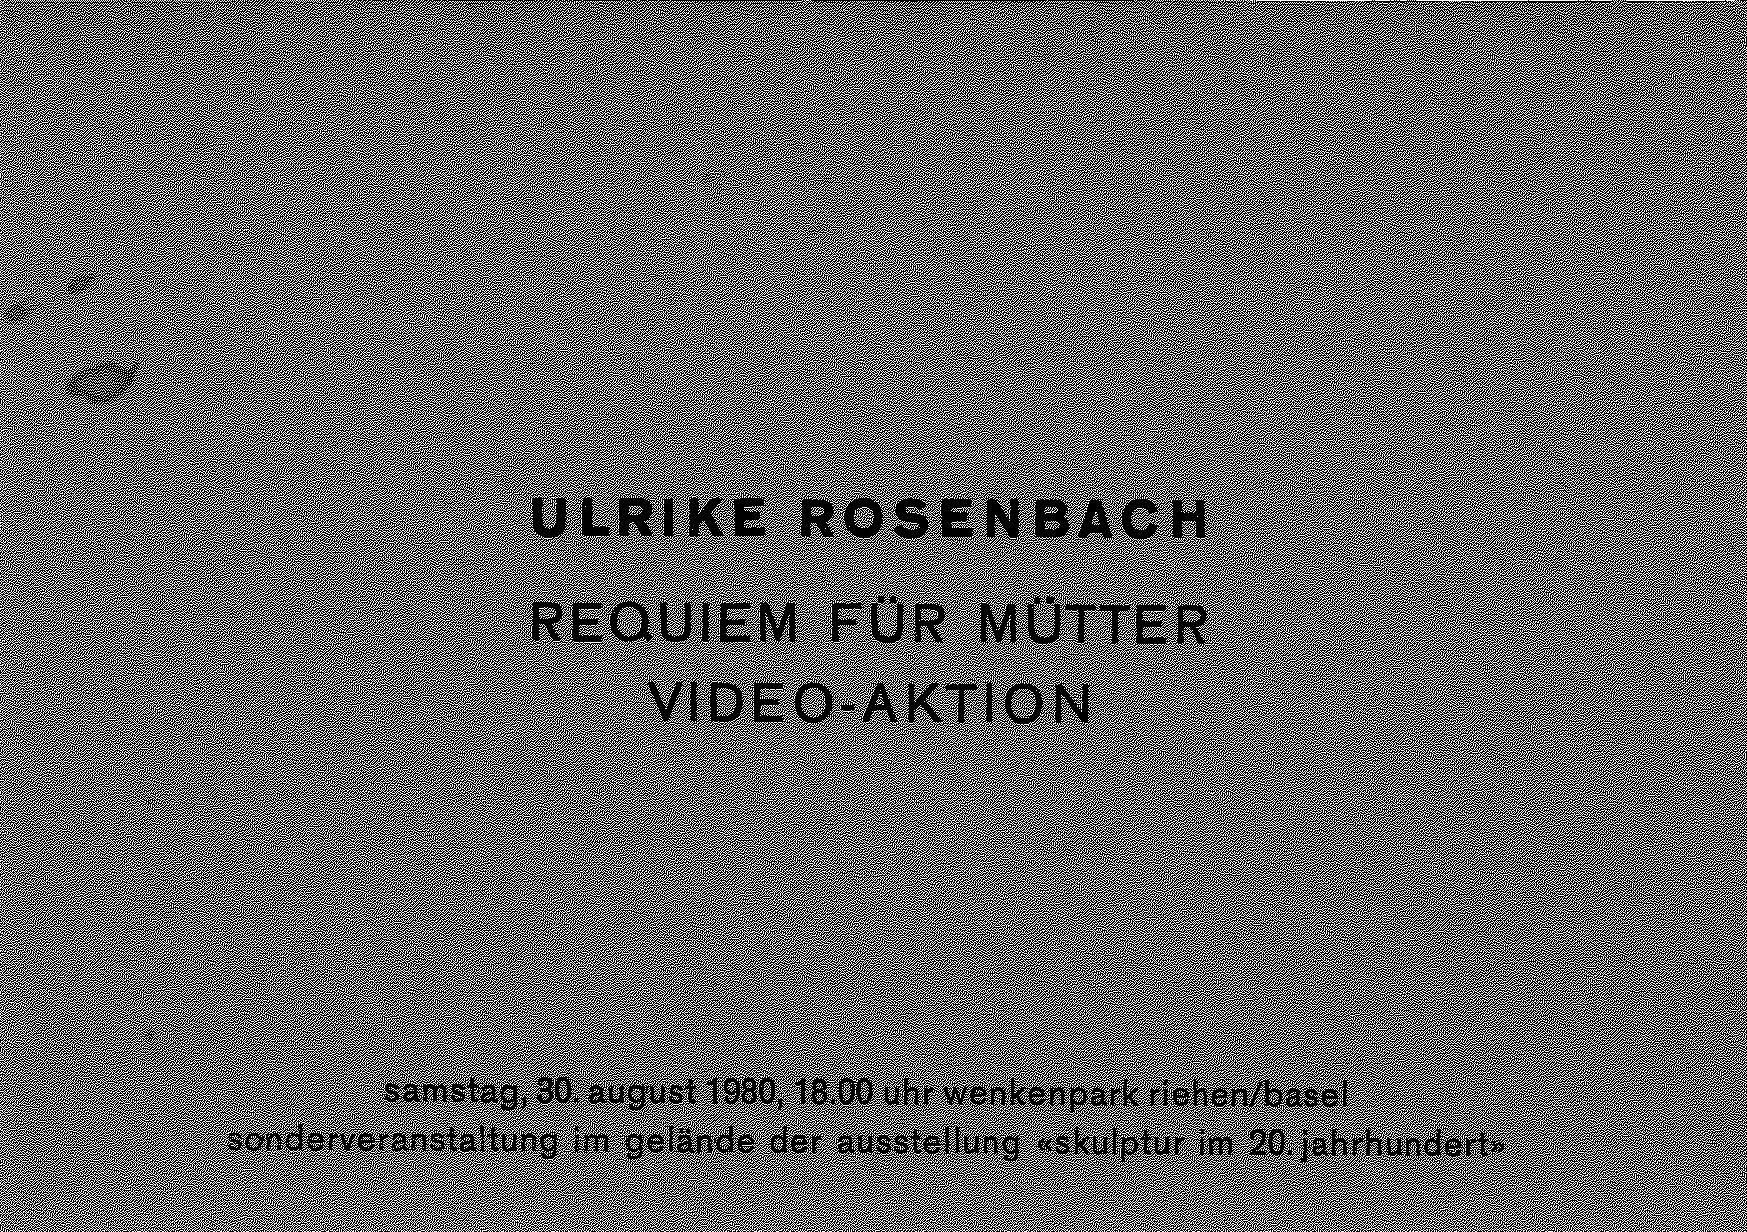 Ulrike Rosenbach, REQUIEM FÜR MÜTTER, Galerie Stampa, Basel 1980 (invitation); Archiv der Avantgarden, Staatliche Kunstsammlungen Dresden